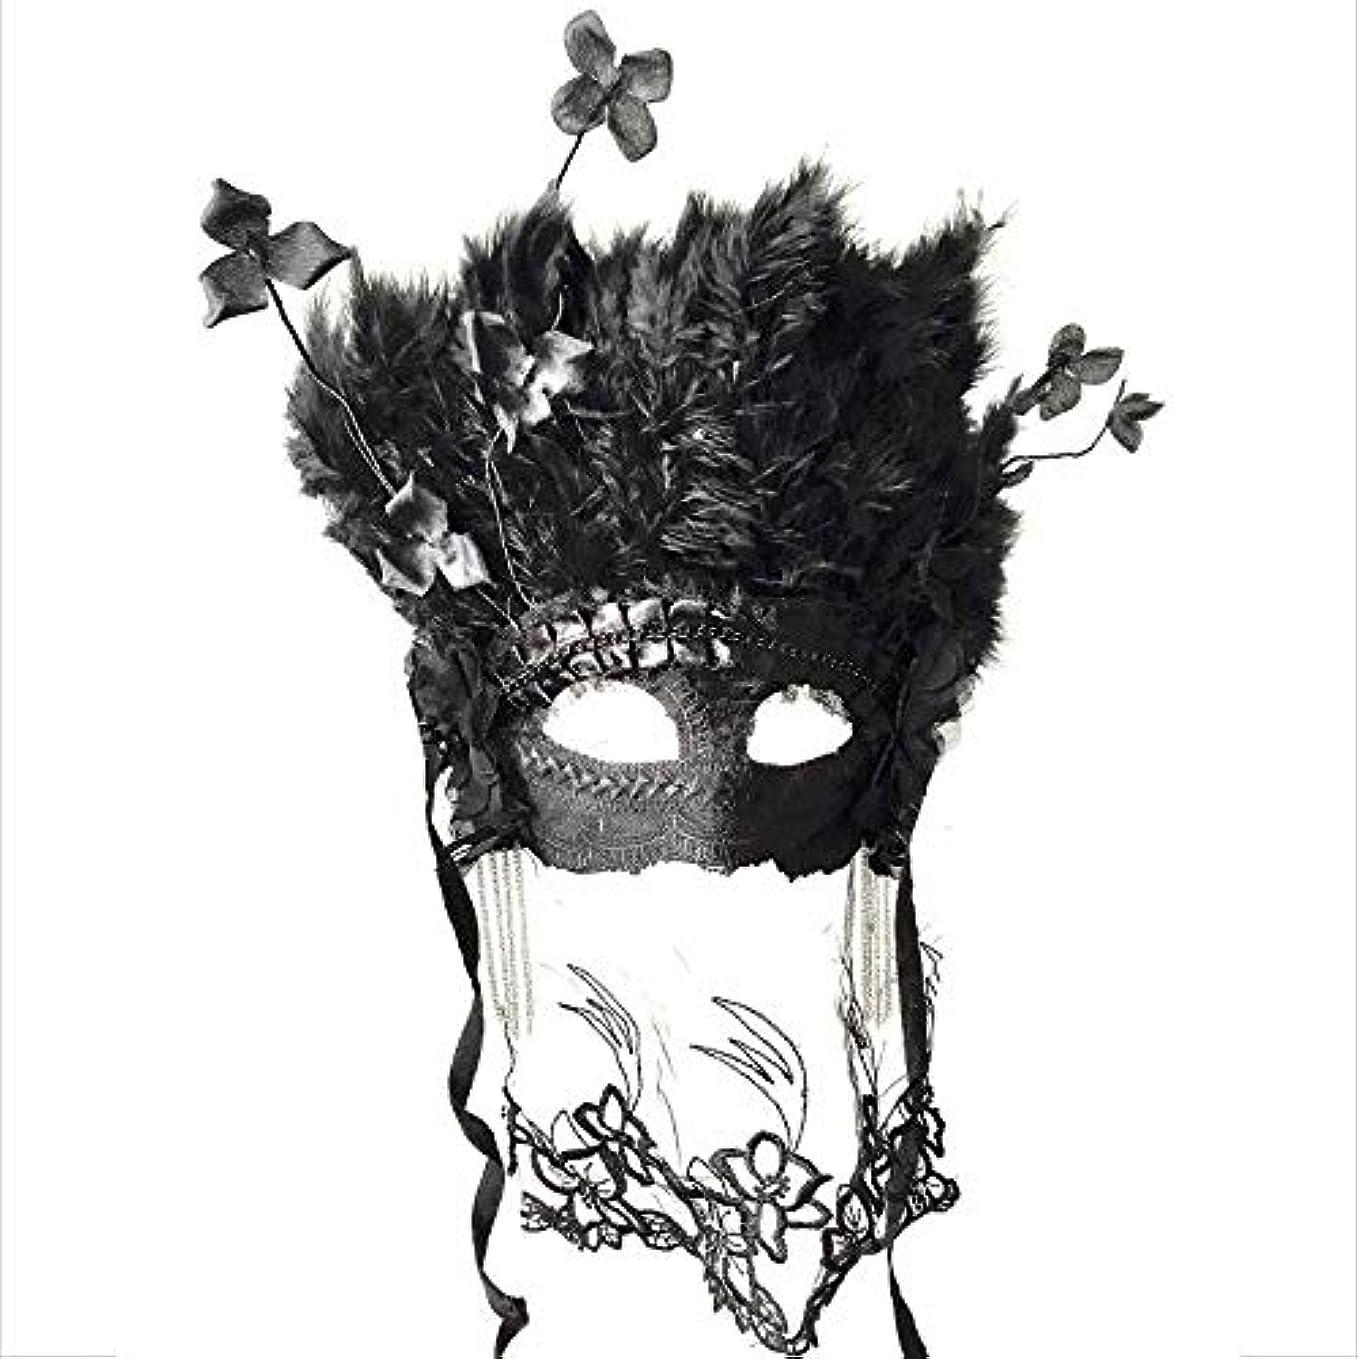 エレクトロニック塗抹飼料Nanle ハロウィンクリスマスベールドライフラワーフェザータッセルマスク仮装マスクレディミスプリンセス美容祭パーティーデコレーションマスク